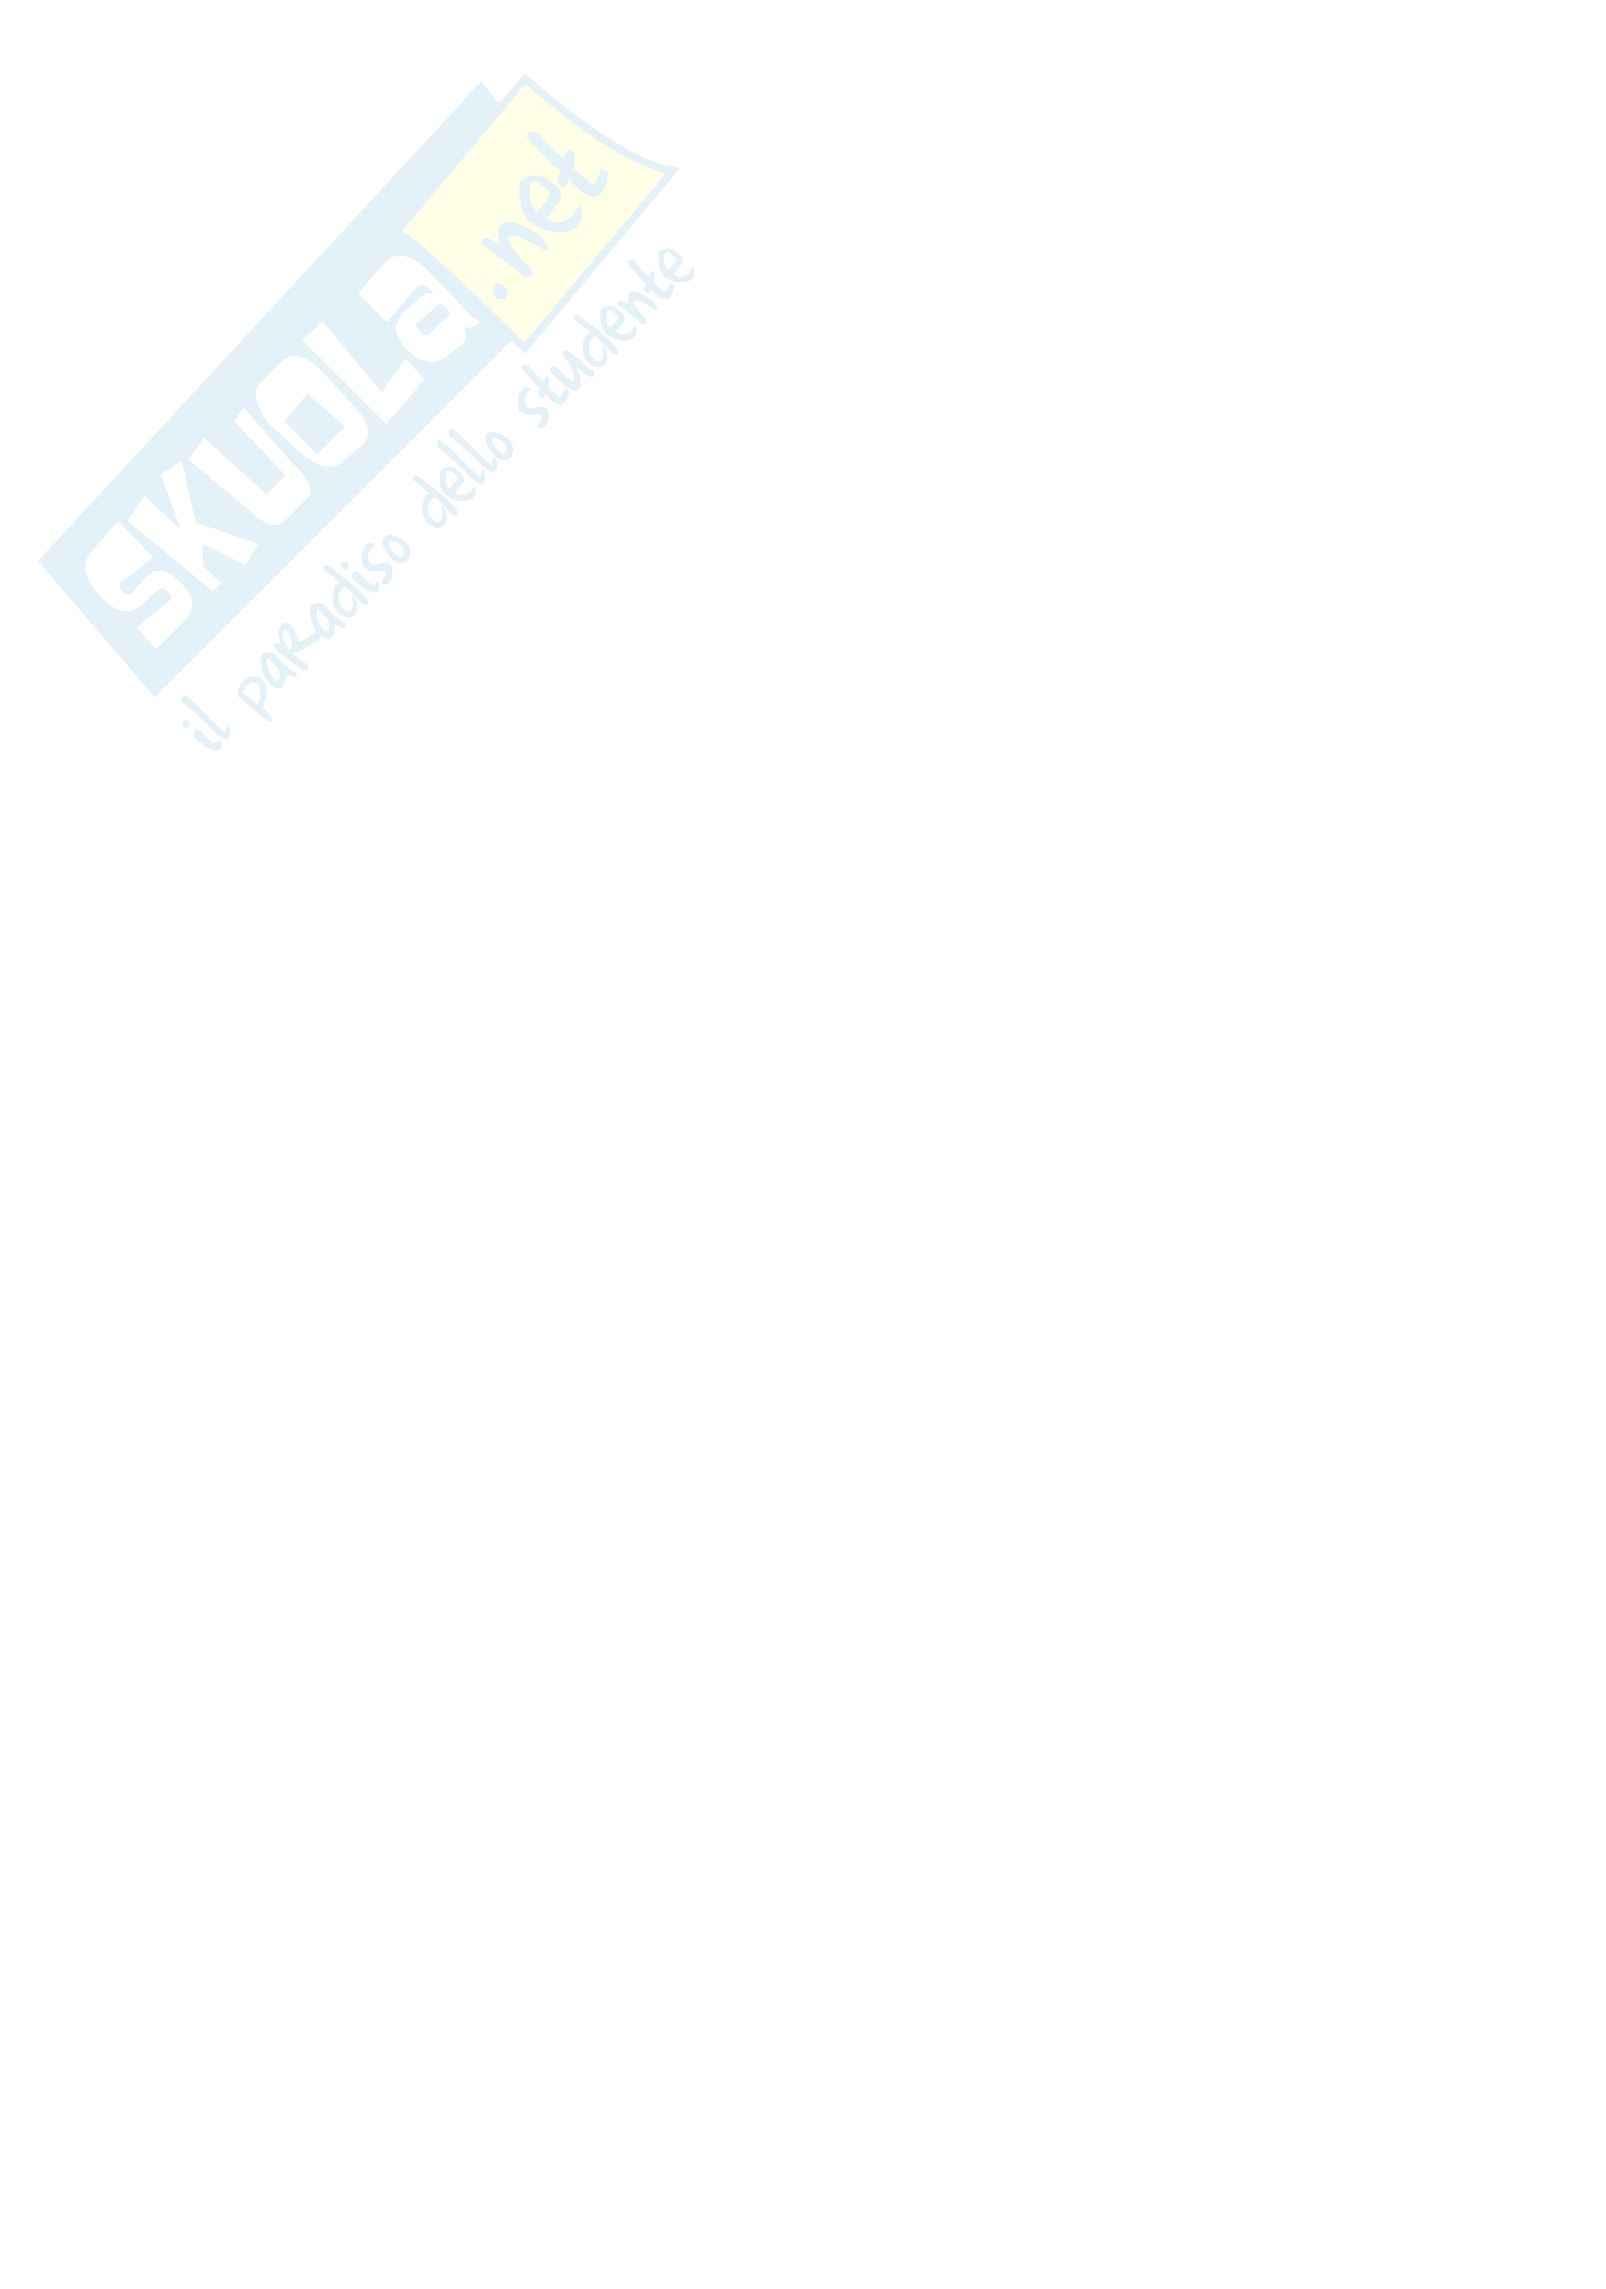 Fisica Meccanica - Appunti